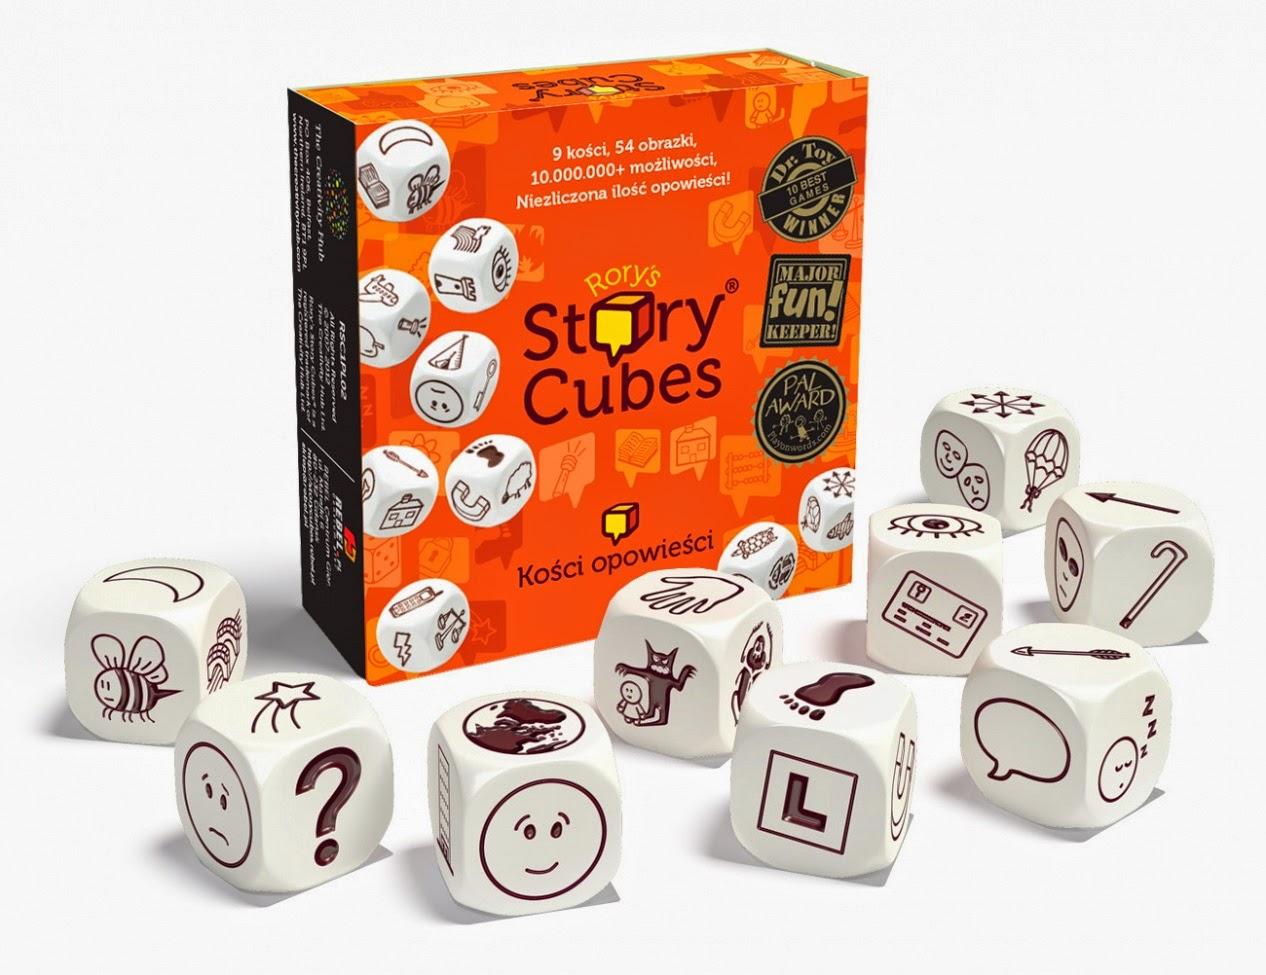 Rory's Story Cubes, storytelling, ćwiczenie opowiadania, sztuka opowieści, recenzja, warsztaty, Baśnie na Warsztacie, Mateusz Świstak